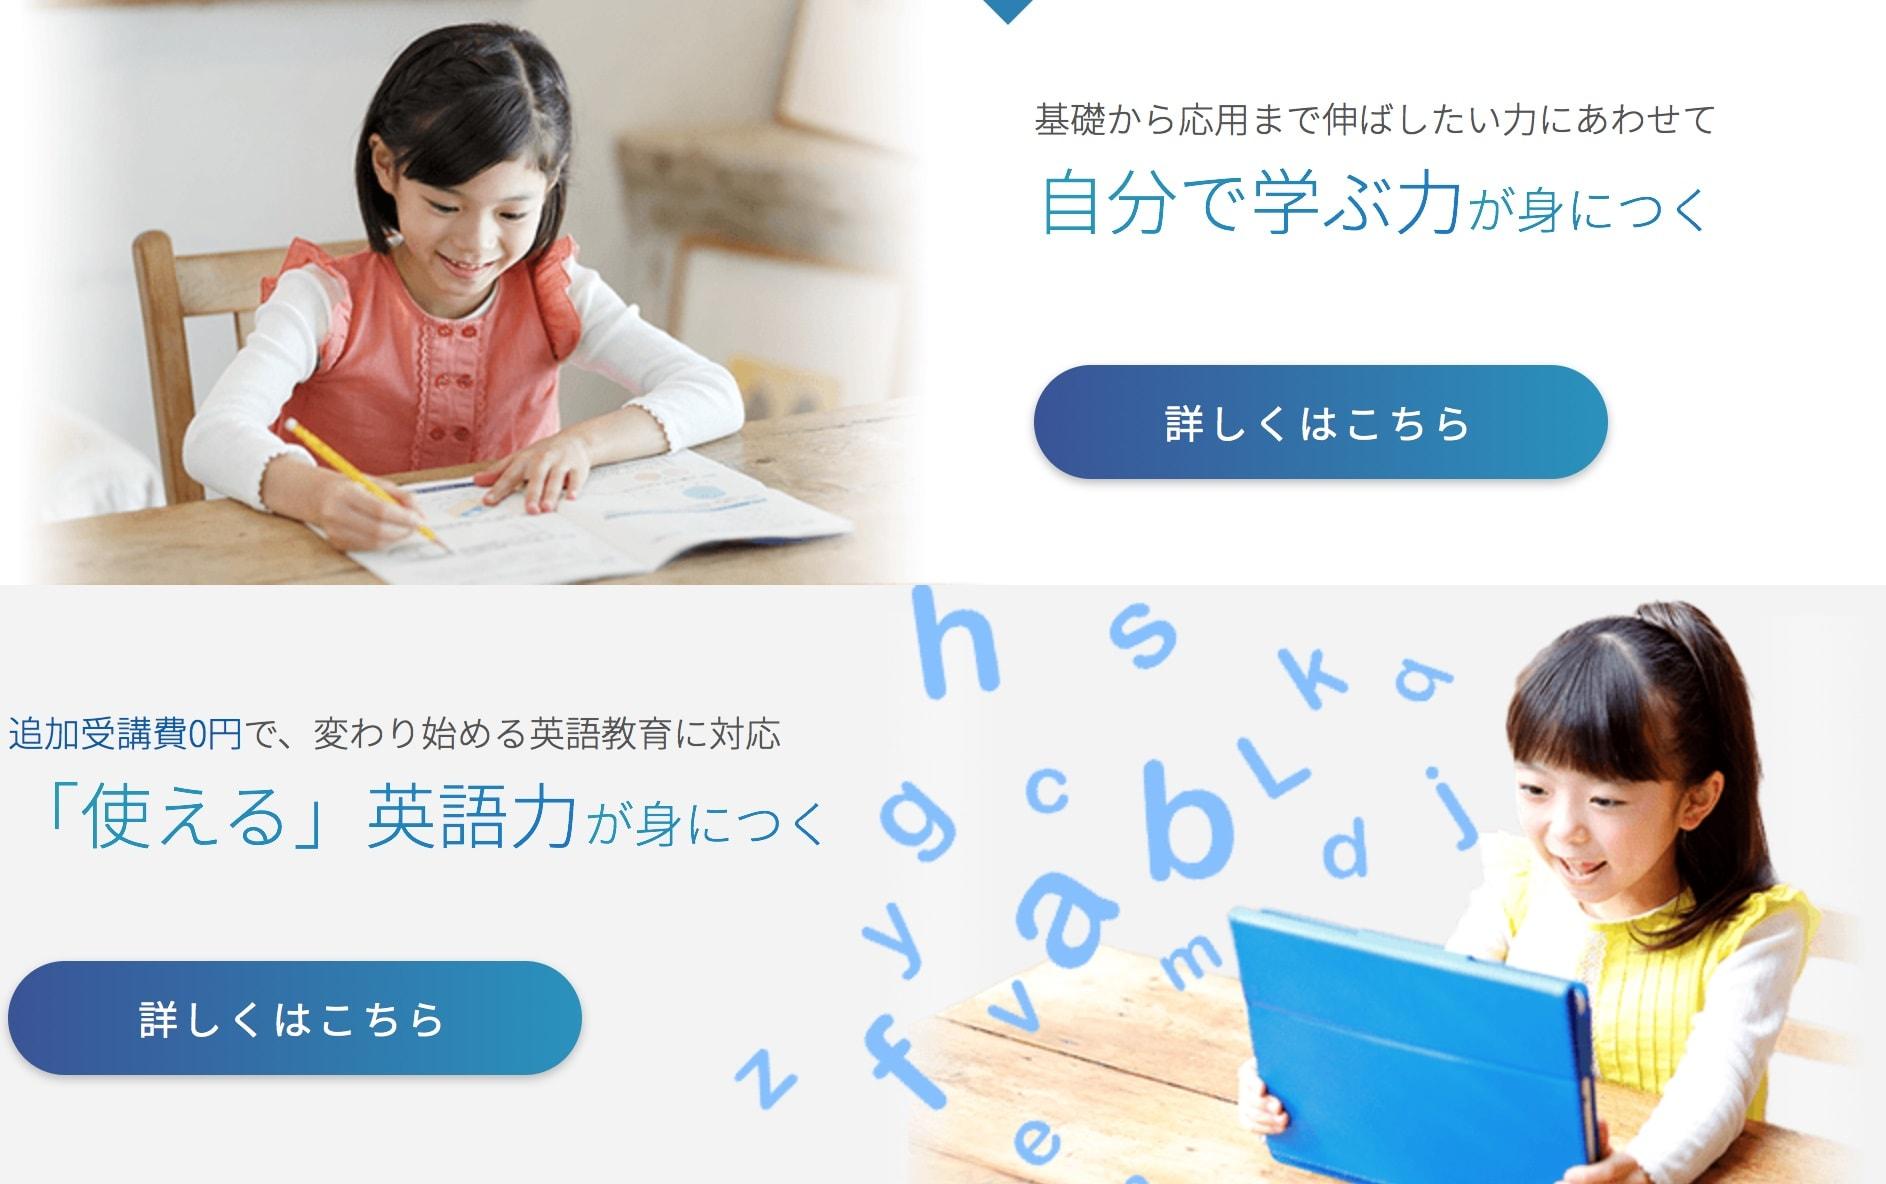 タブレット学習とテキスト学習から選べる